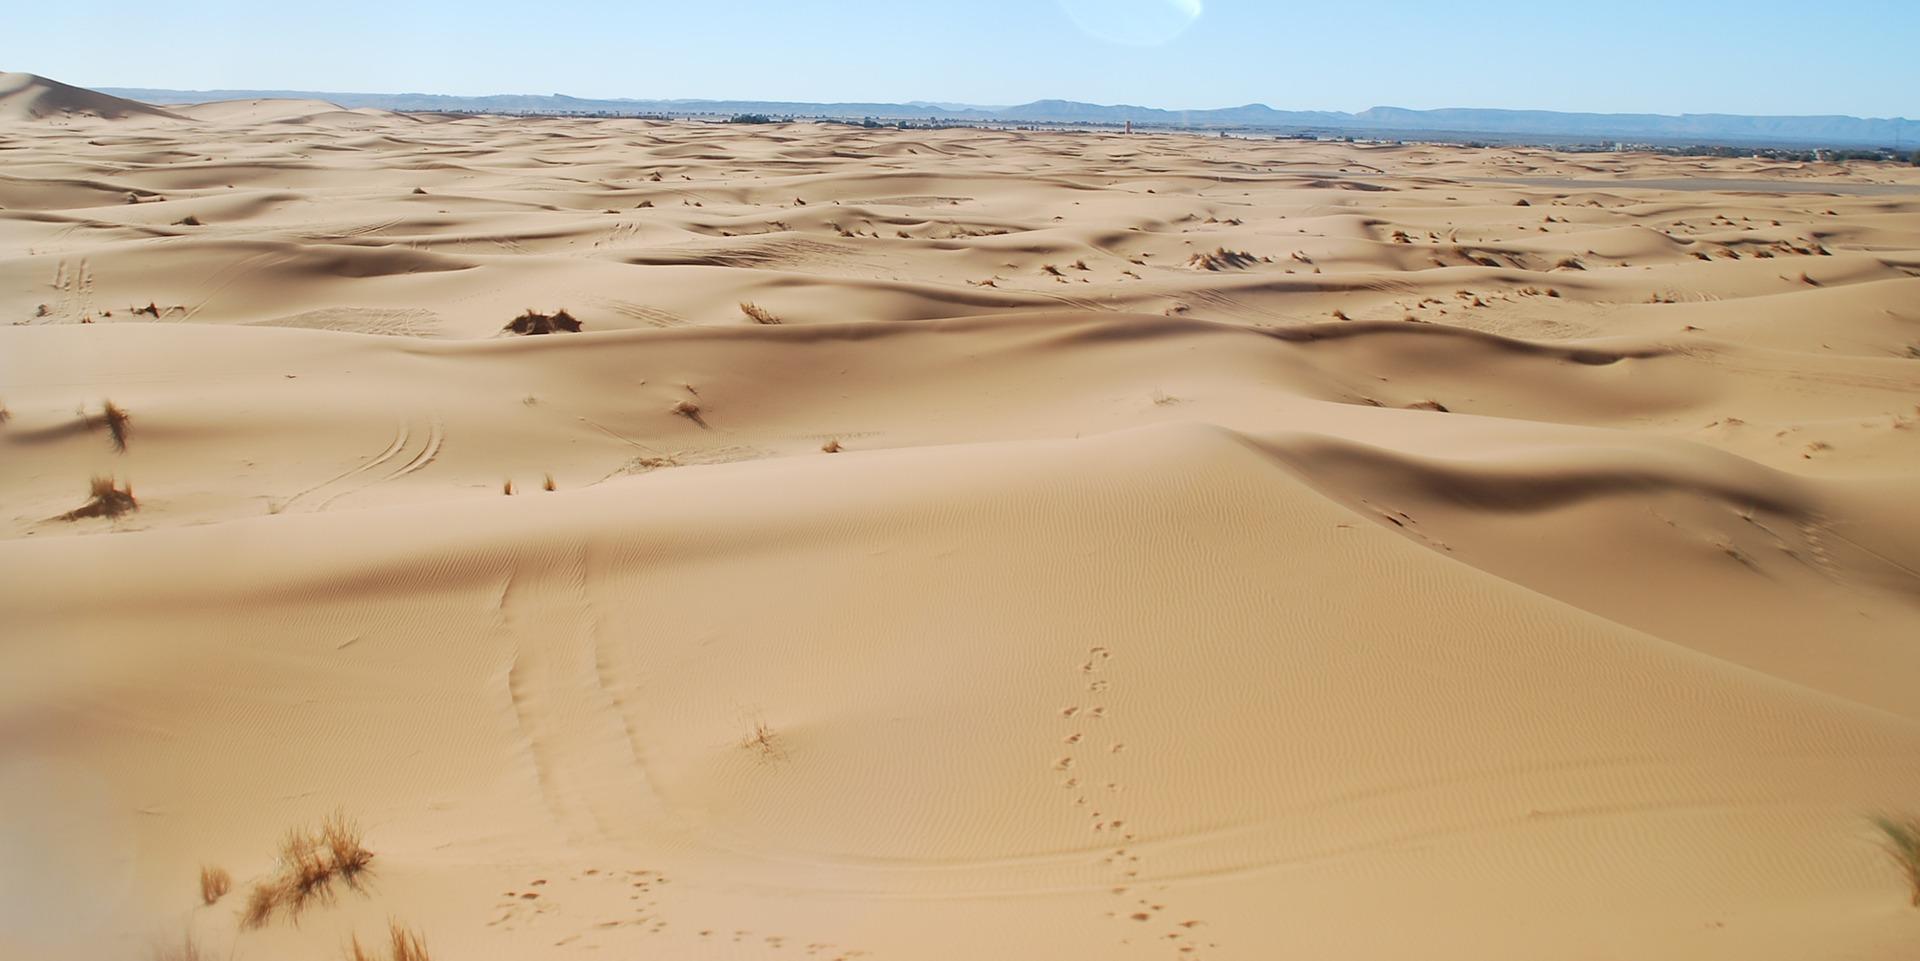 Maroc - Merzouga, désert